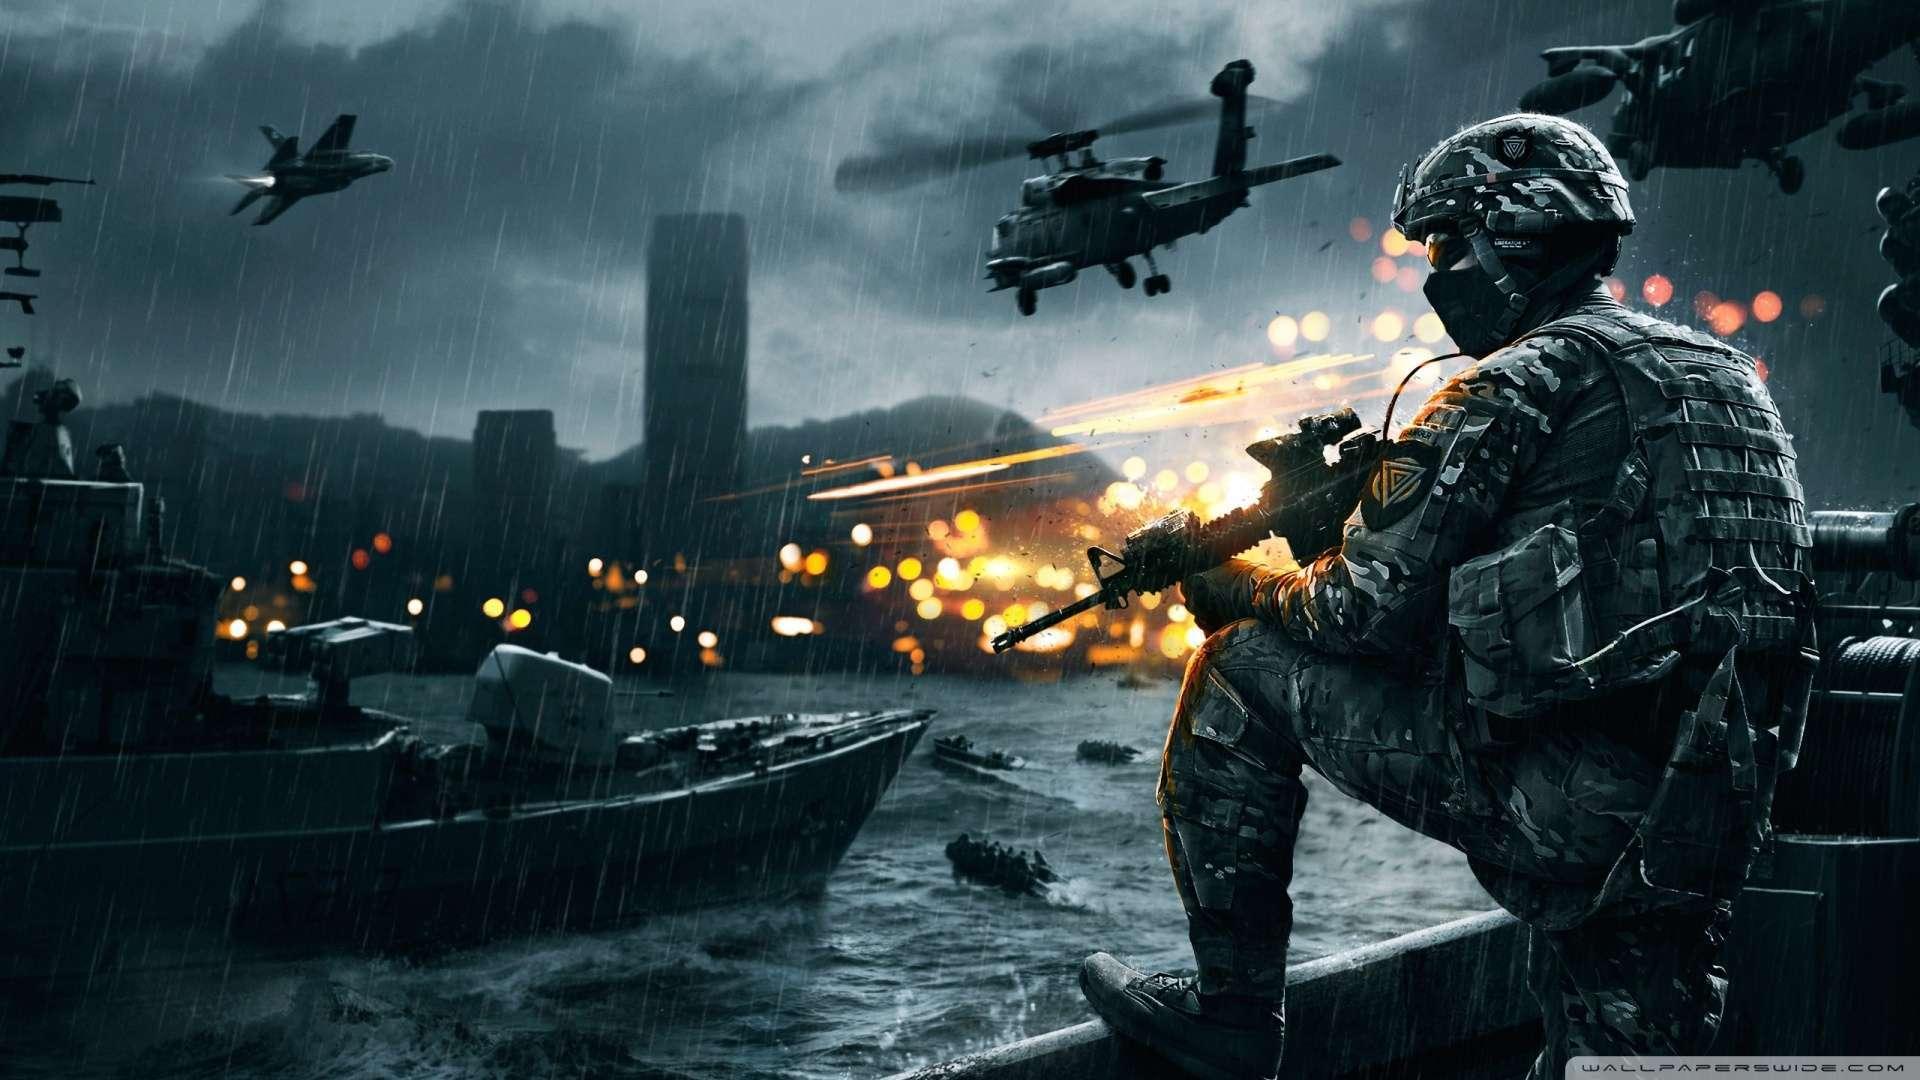 Wallpaper Battlefield 4 Siege Of Shanghai 3 Wallpaper 1080p HD 1920x1080